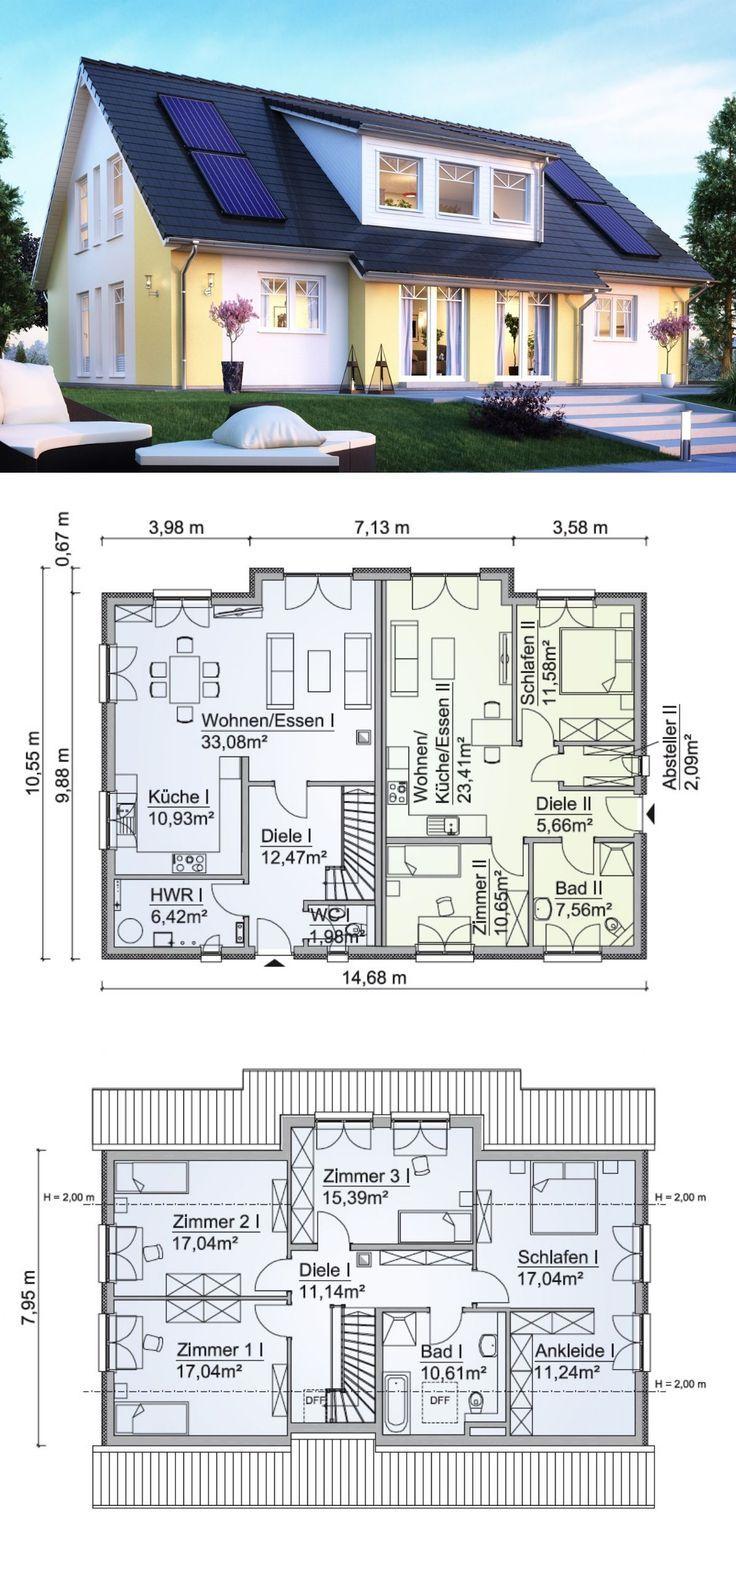 Einfamilienhaus mit Einliegerwohnung im Landhaus Design Grundriss mit Satteldach… – Einfamilienhaus – Ideen & Grundrisse